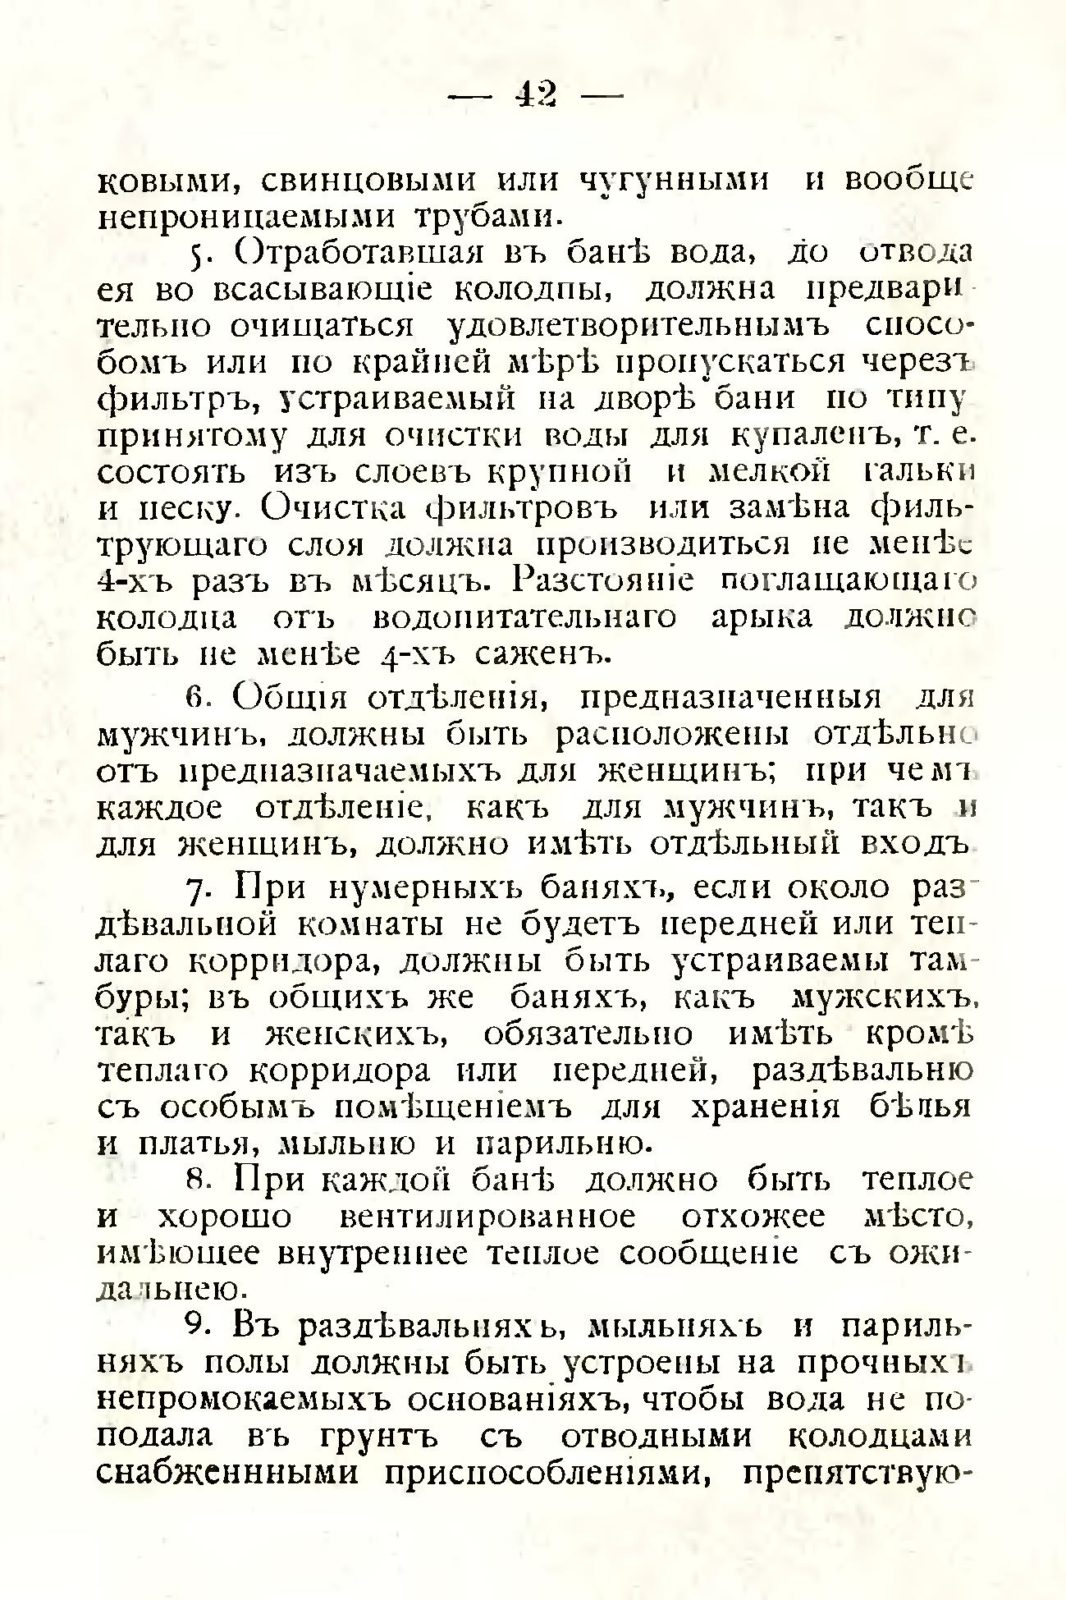 sbornik_obyazatelnyh_postanovlenii_tashkentskoi_gorodskoi_du_46